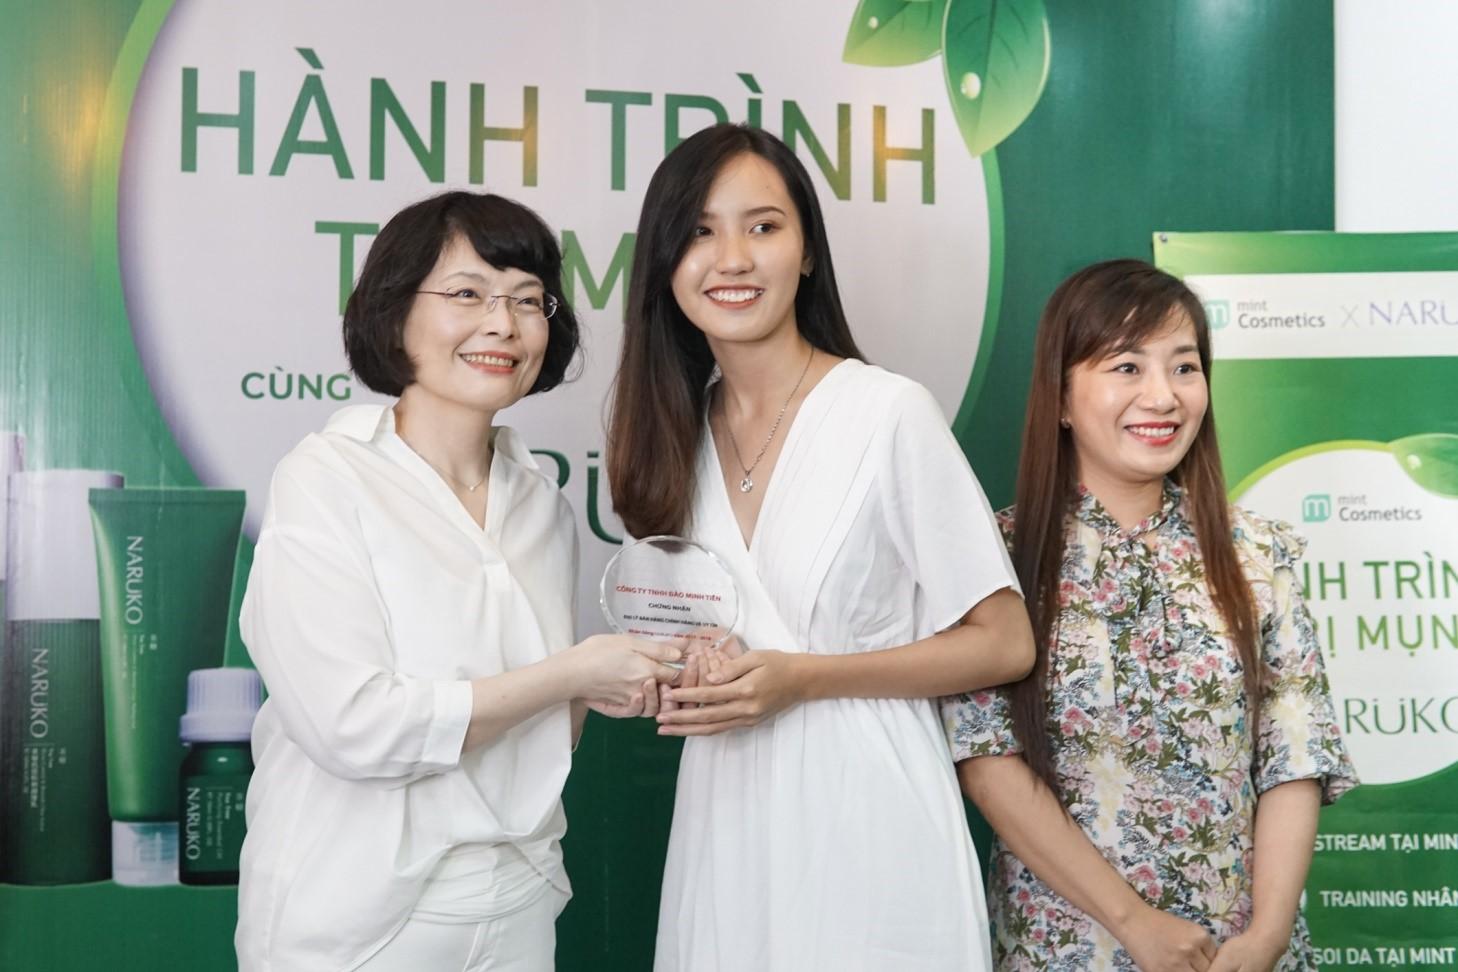 Chứng nhận Mint là đại lý uy tín phân phối các sản phẩm Naruko Việt Nam